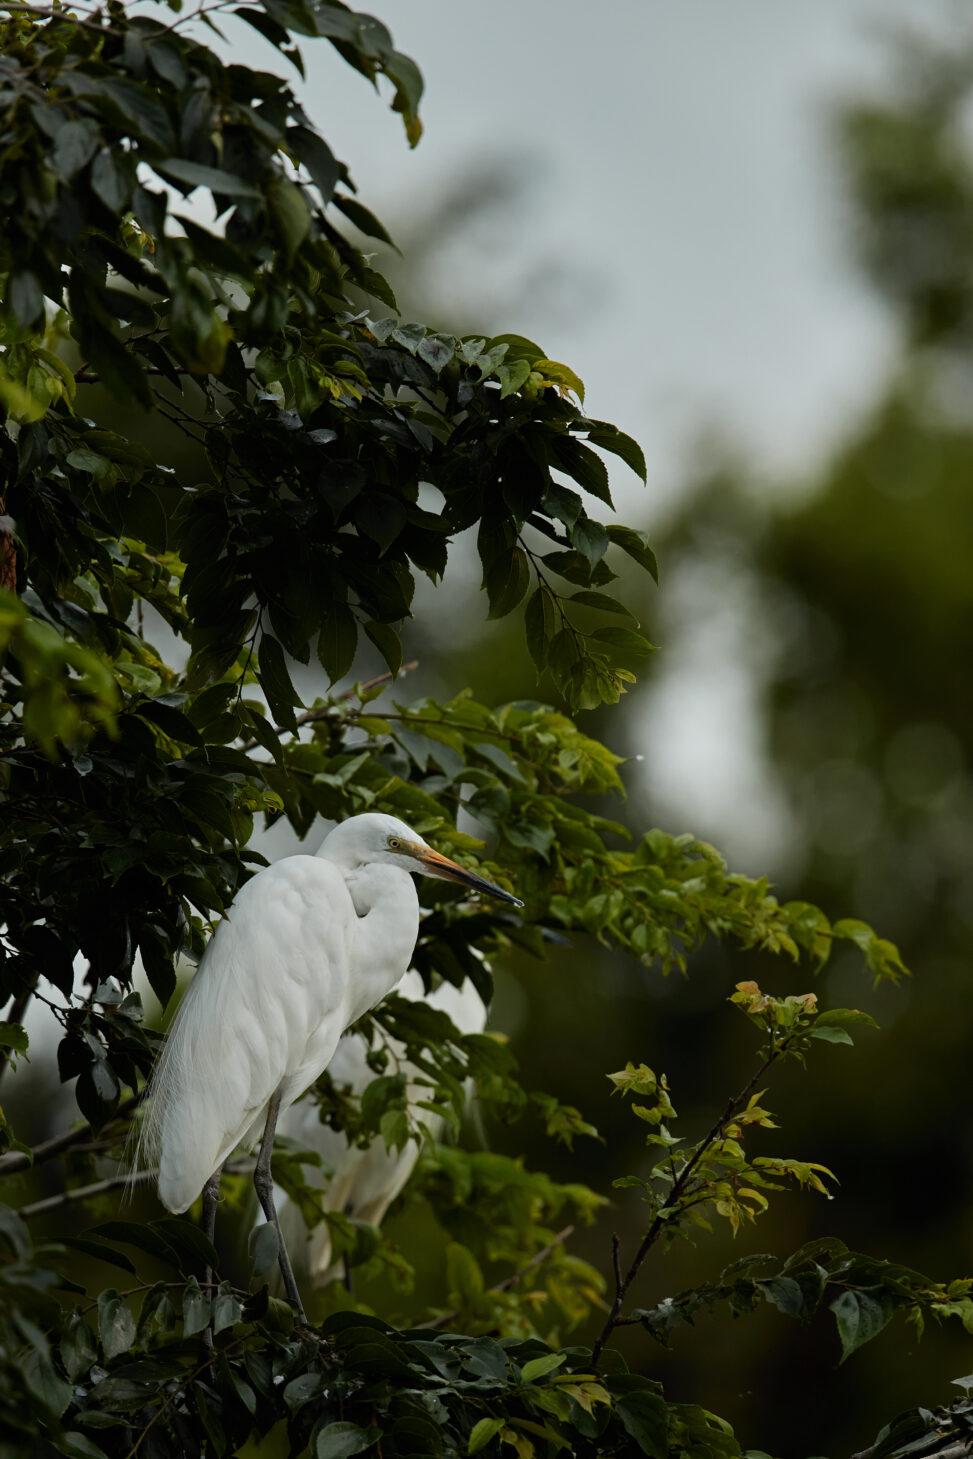 枝にとまっているダイサギ_2の写真